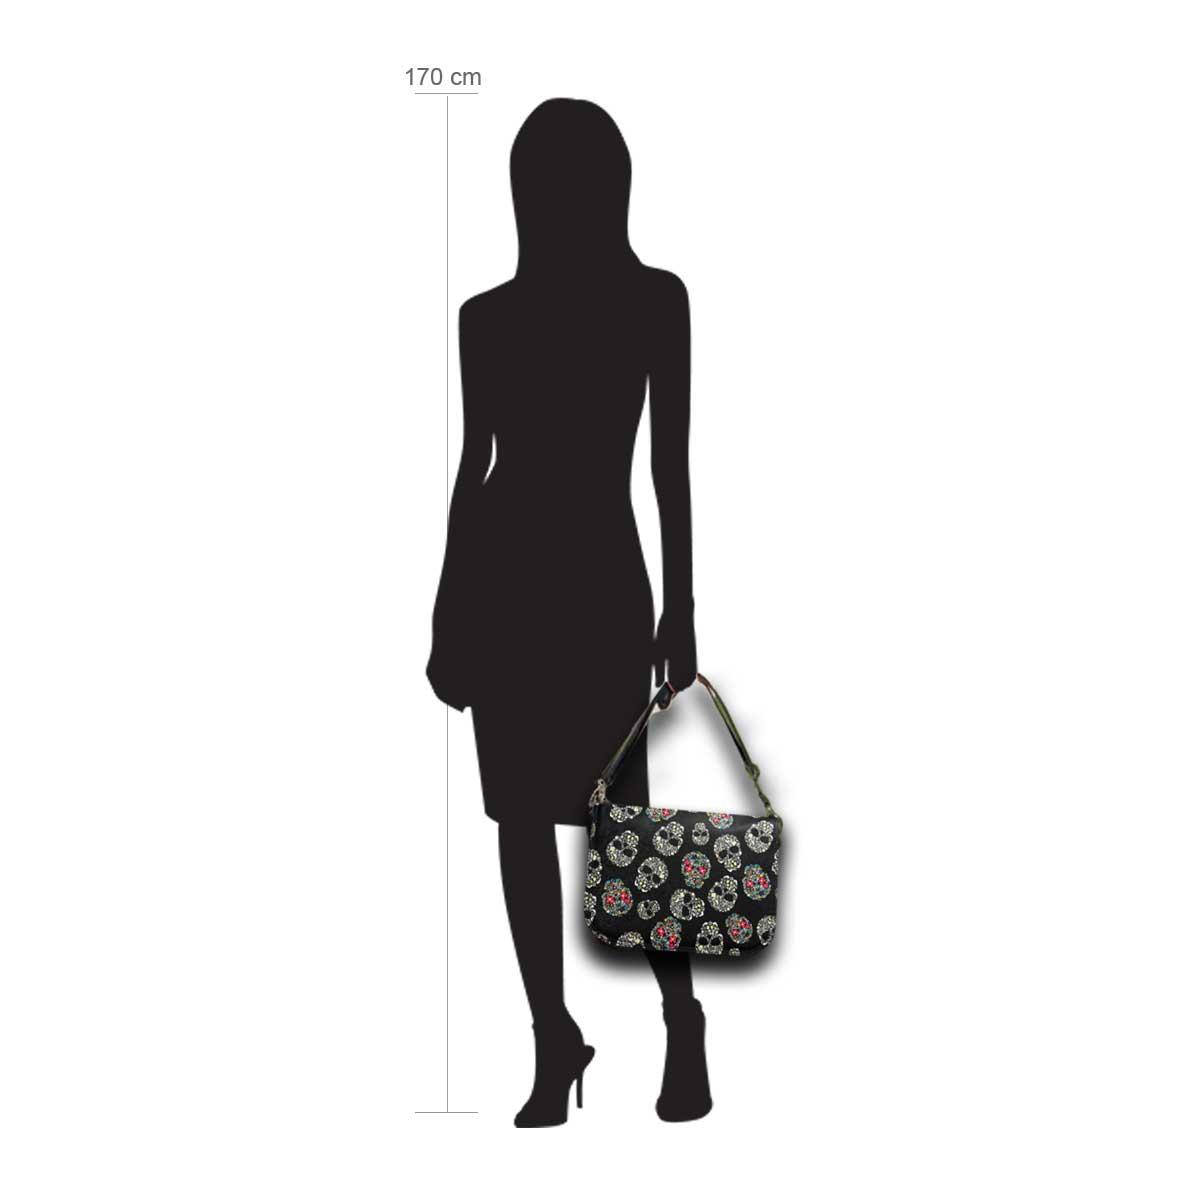 Modellpuppe 170 cm groß zeigt die Handtaschengröße an der Person Modell:Mexiko